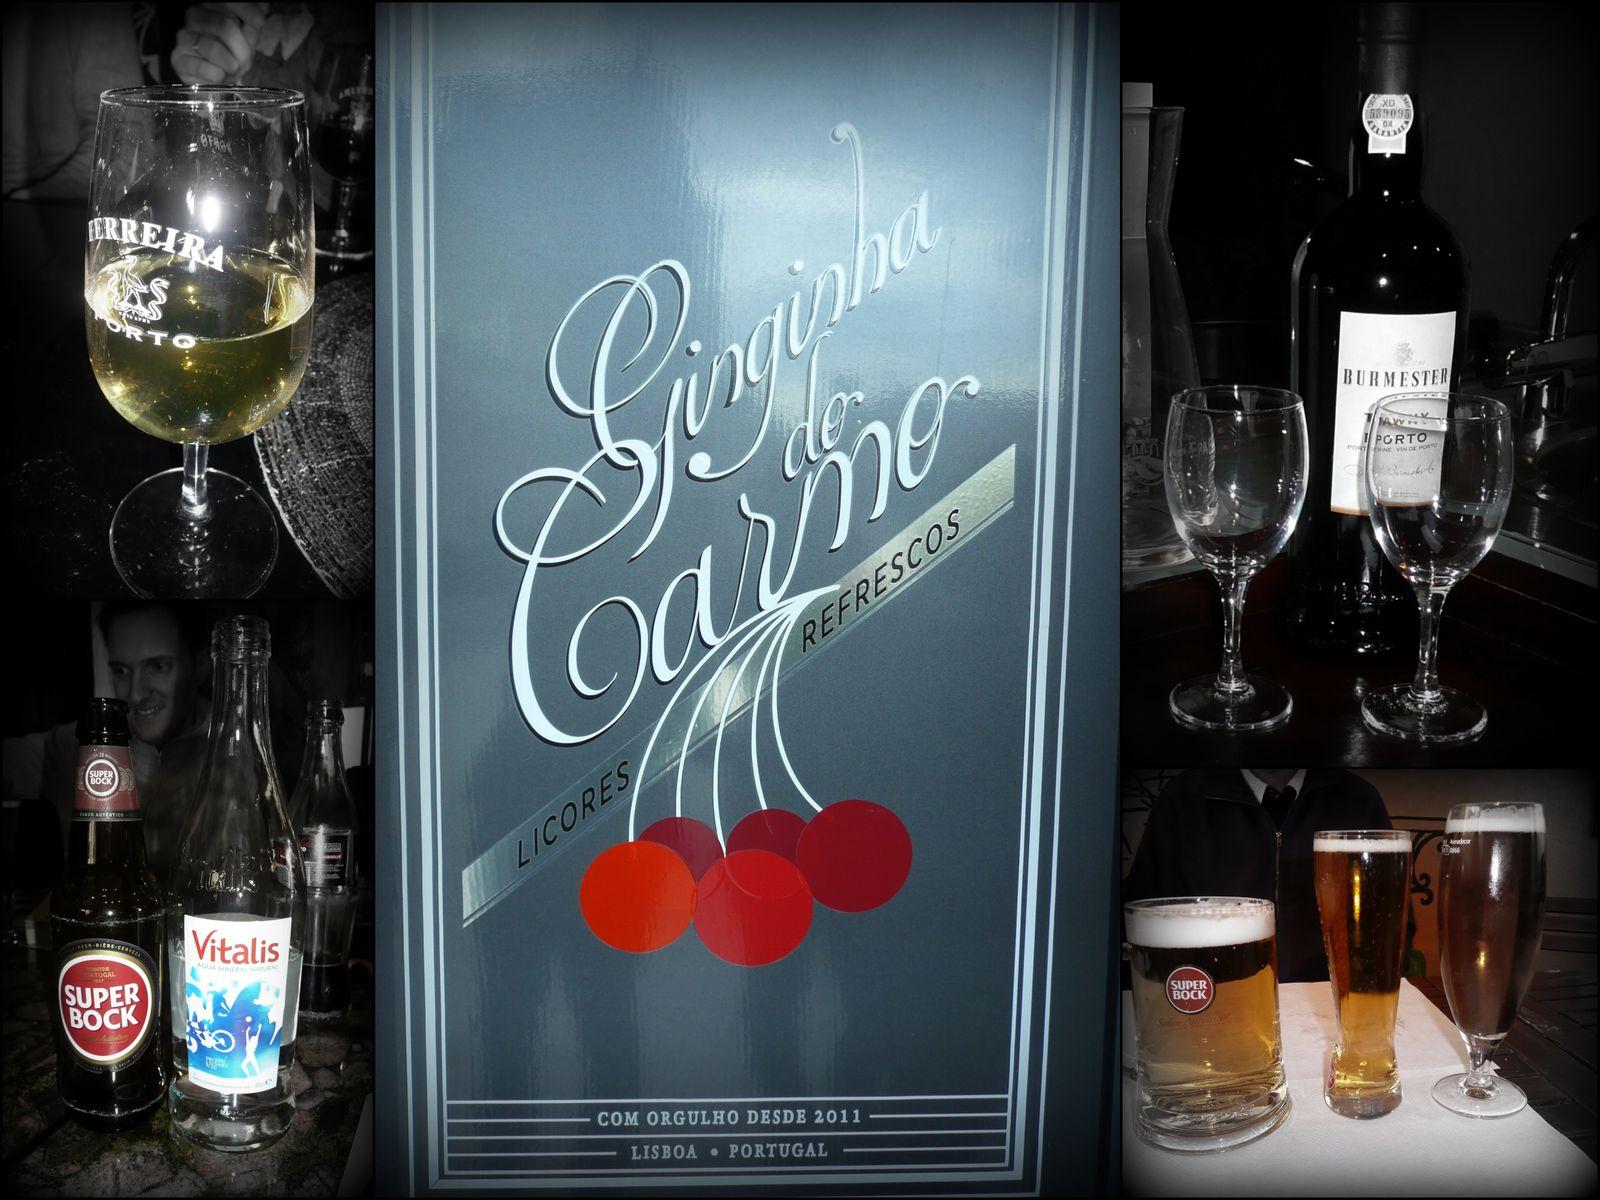 Incontournable, lorsqu'on visite une ville entre copain, les boissons locales! Vinho verde, Porto, Super Bock et bien sûr la Ginja!